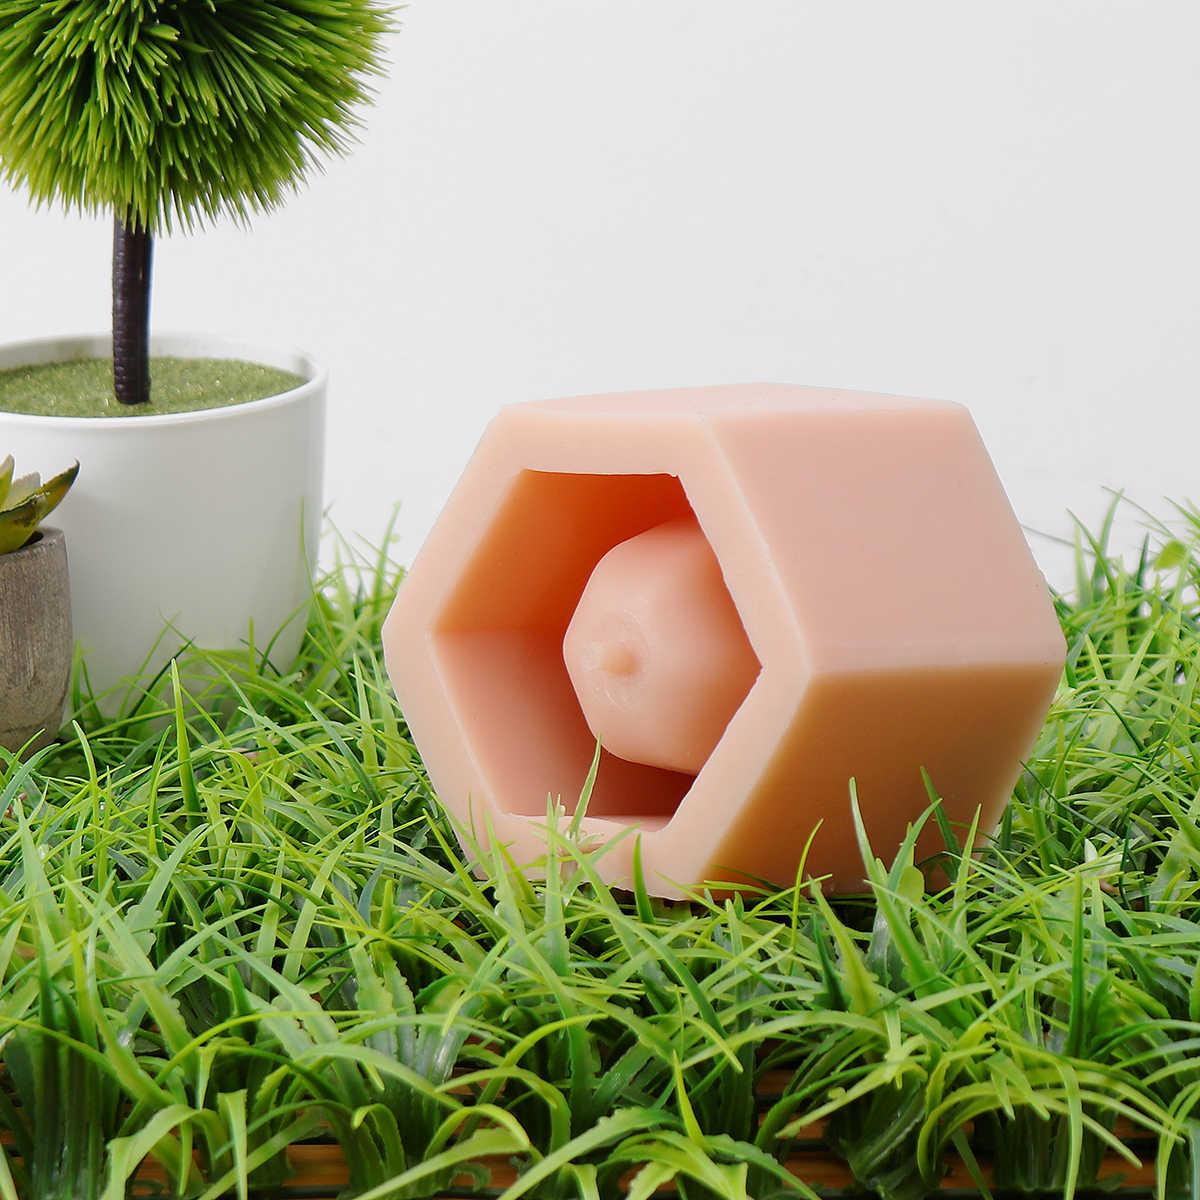 3D шестигранный цементный цветочный горшок кактус цемент силиконовая глина форма DIY глина для поделок резиновая пепельница силиконовая керамическая штукатурка форма для горшка